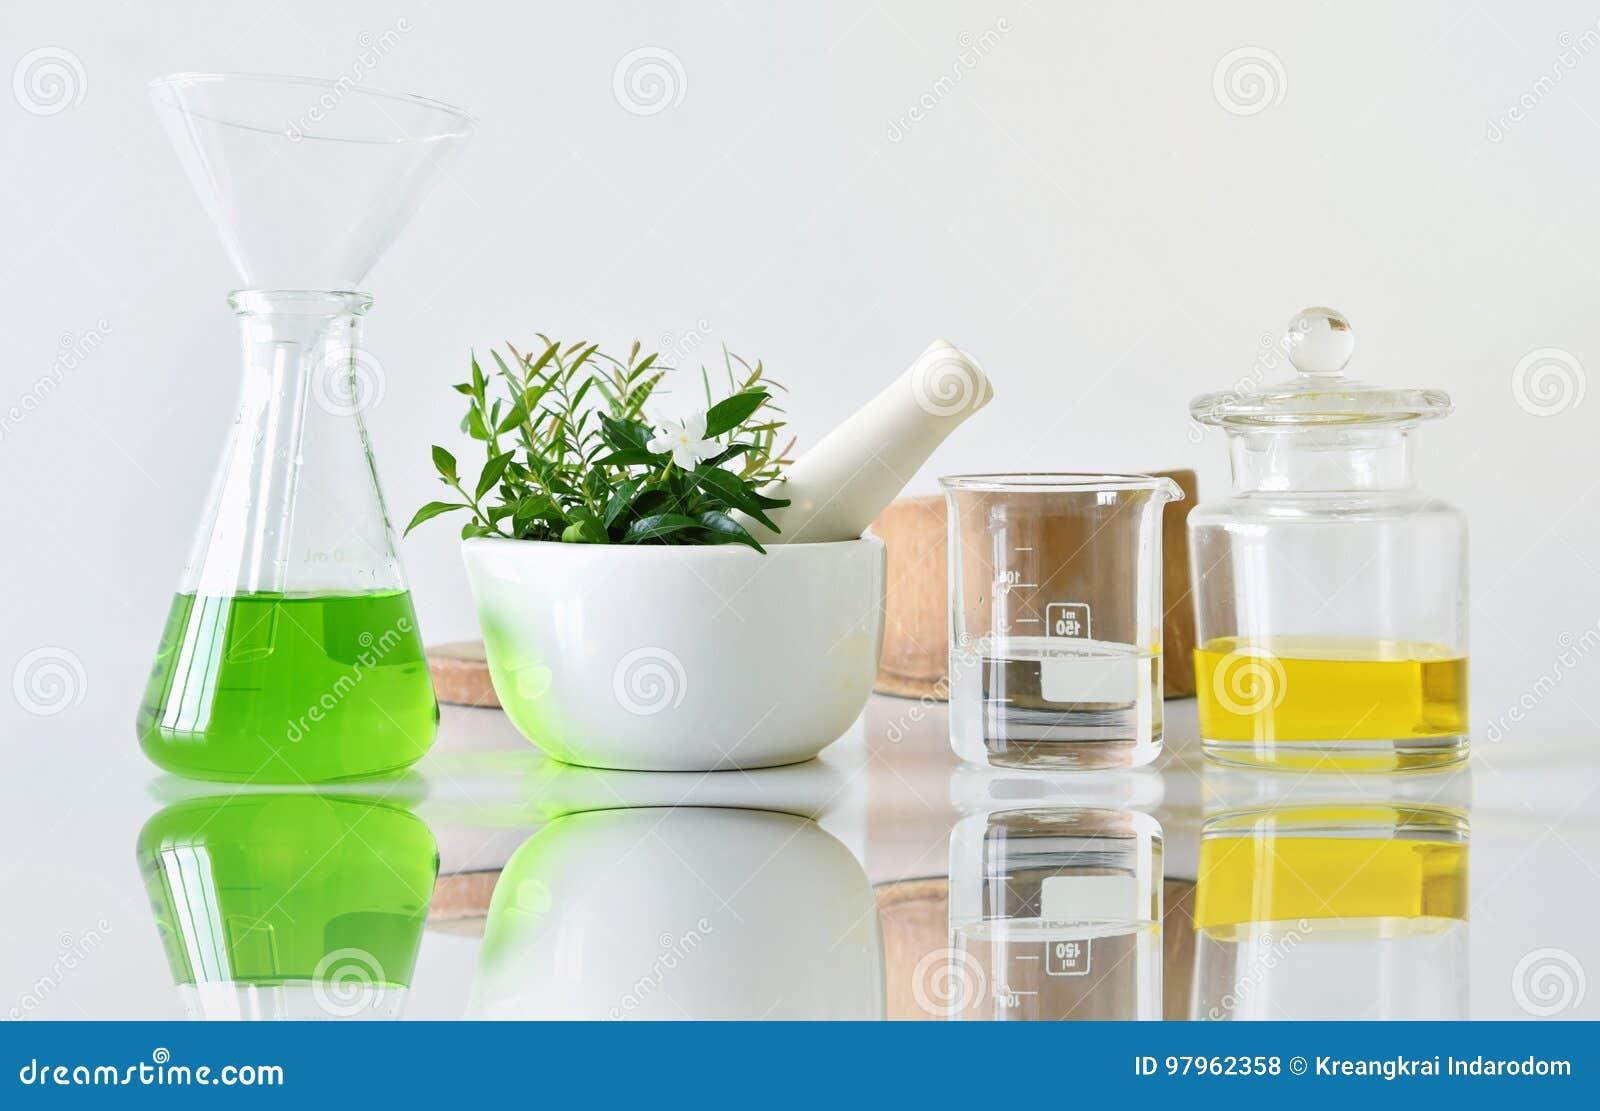 Naturlig organisk botanik och vetenskaplig glasföremål, alternativ örtmedicin, naturliga skönhetsprodukter för skönhetsmedel för